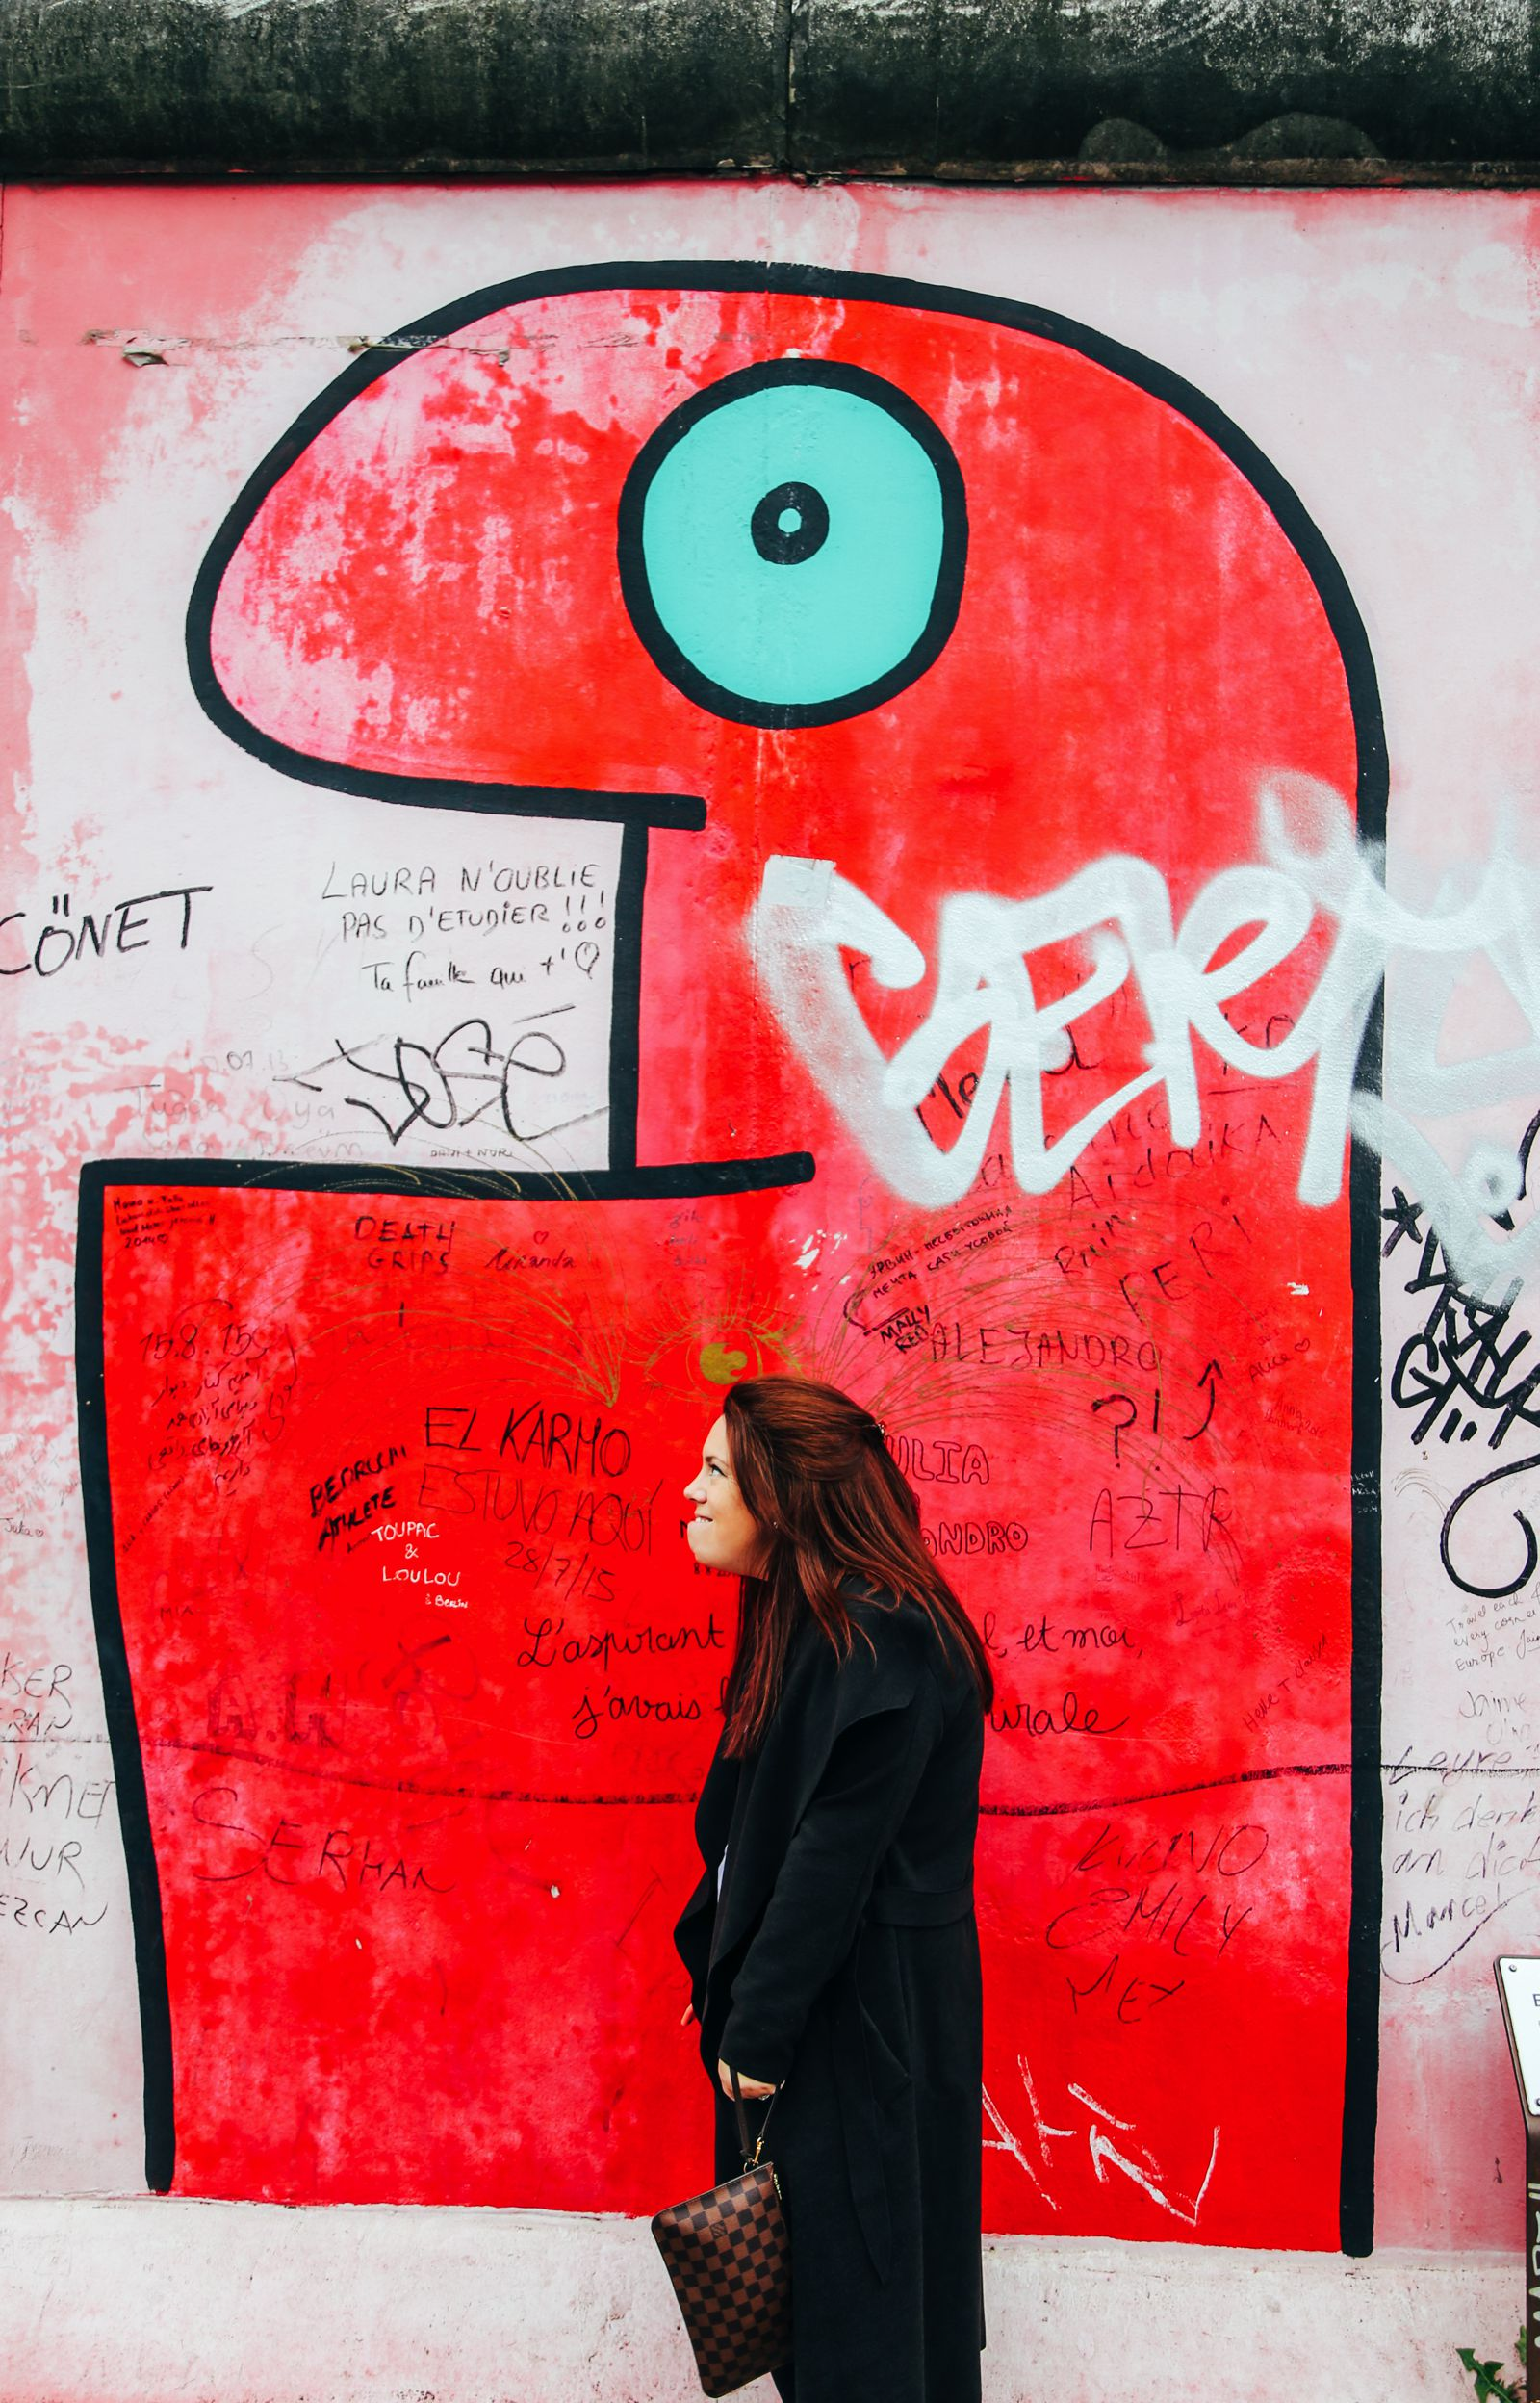 East Side Gallery, Berlin, Germany (21)